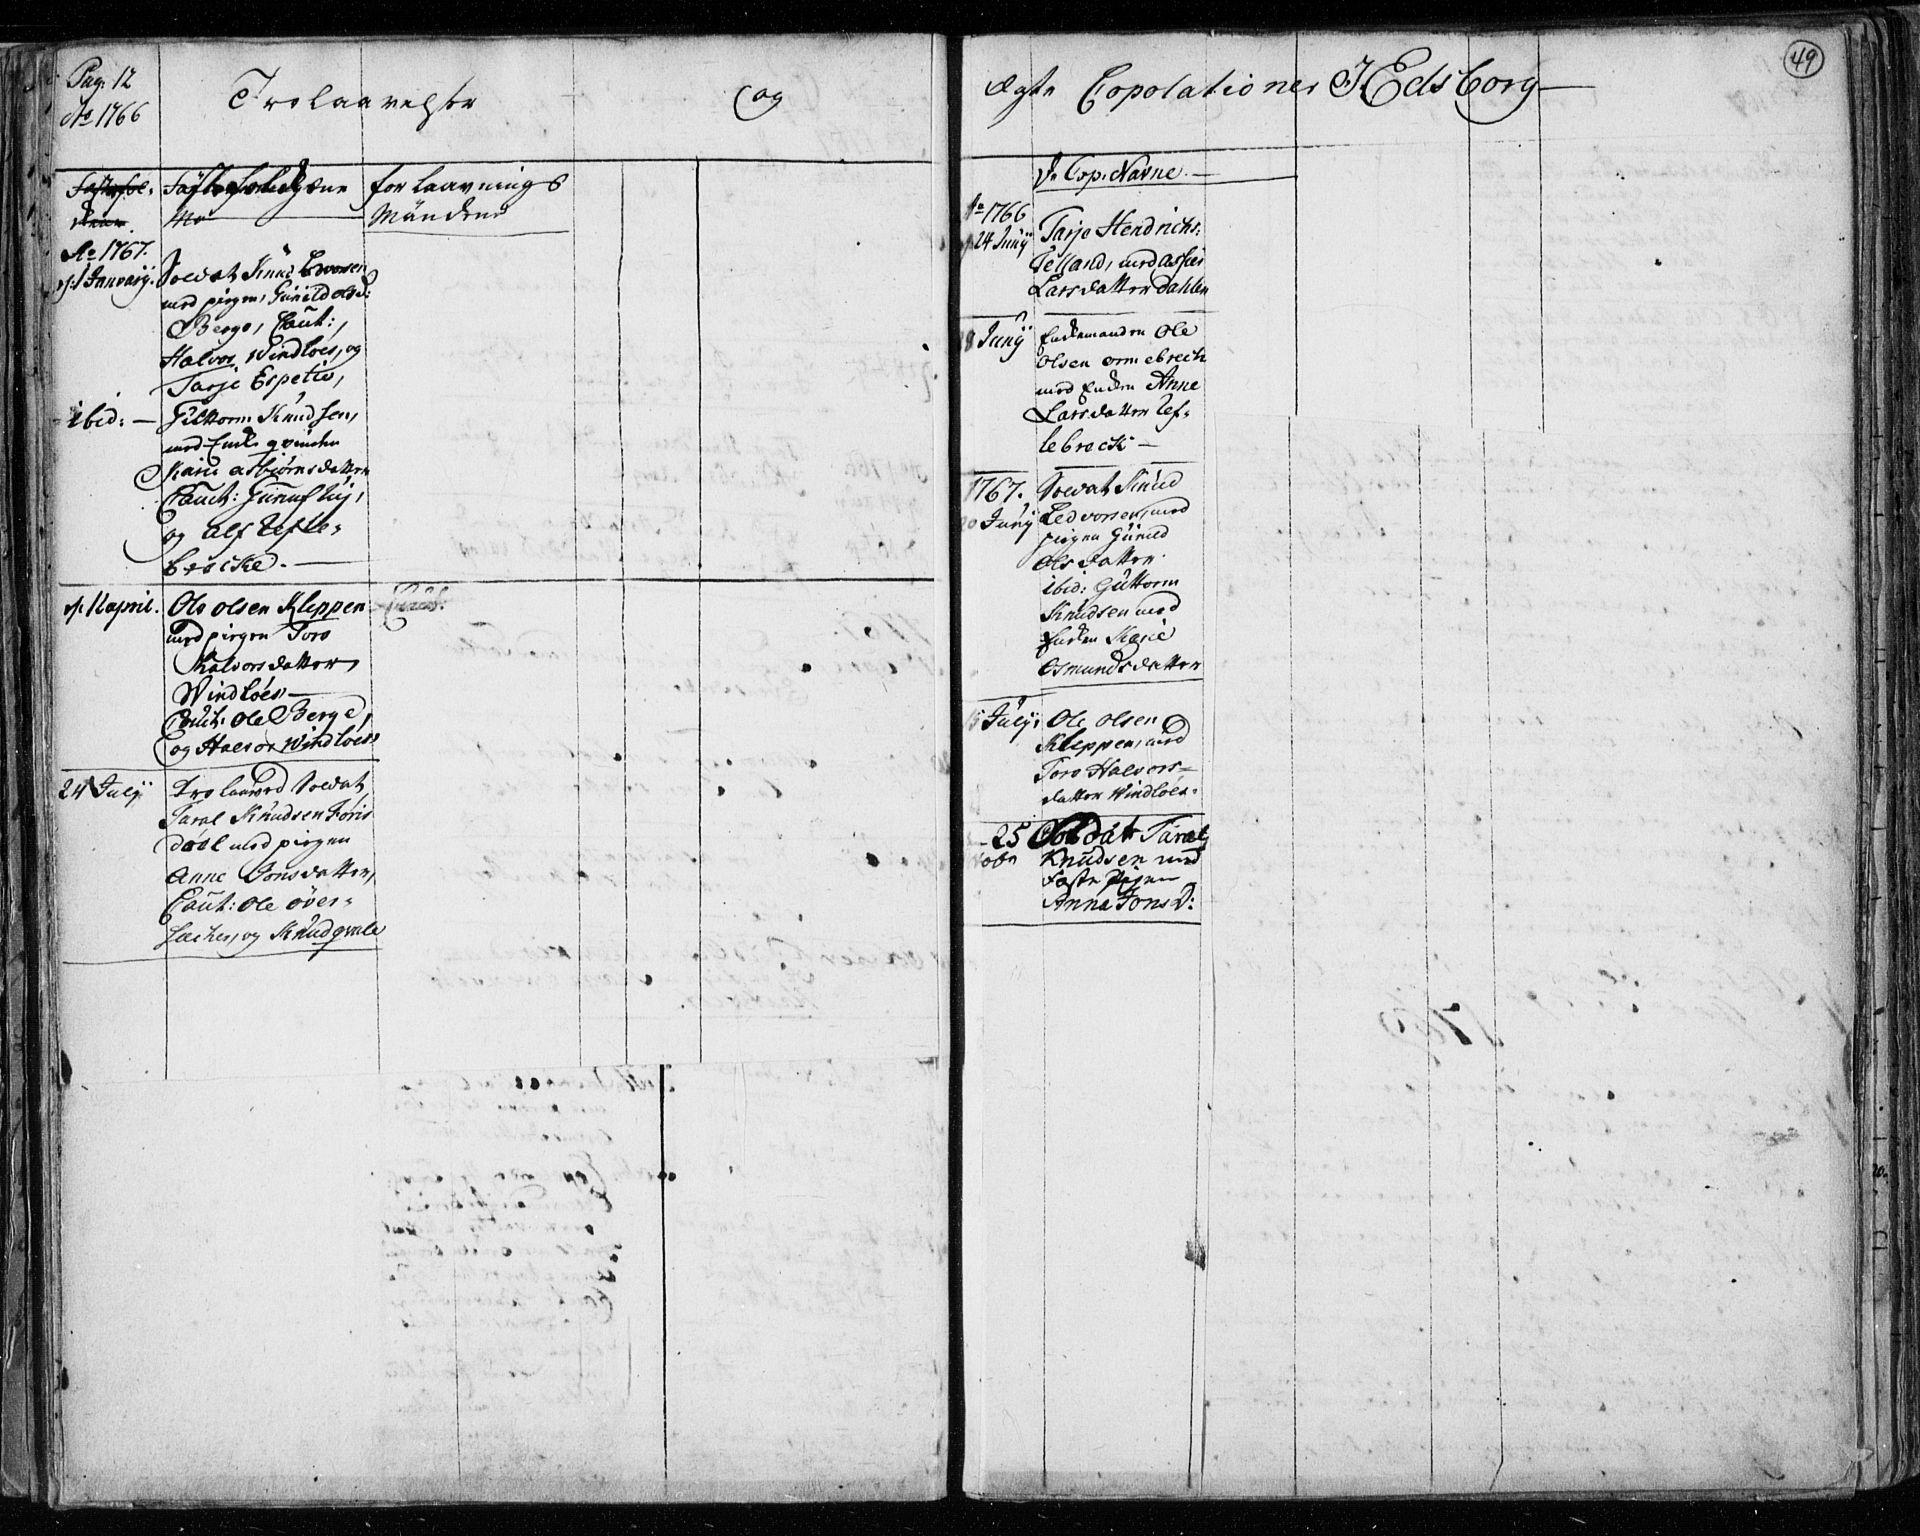 SAKO, Lårdal kirkebøker, F/Fa/L0003: Ministerialbok nr. I 3, 1754-1790, s. 49